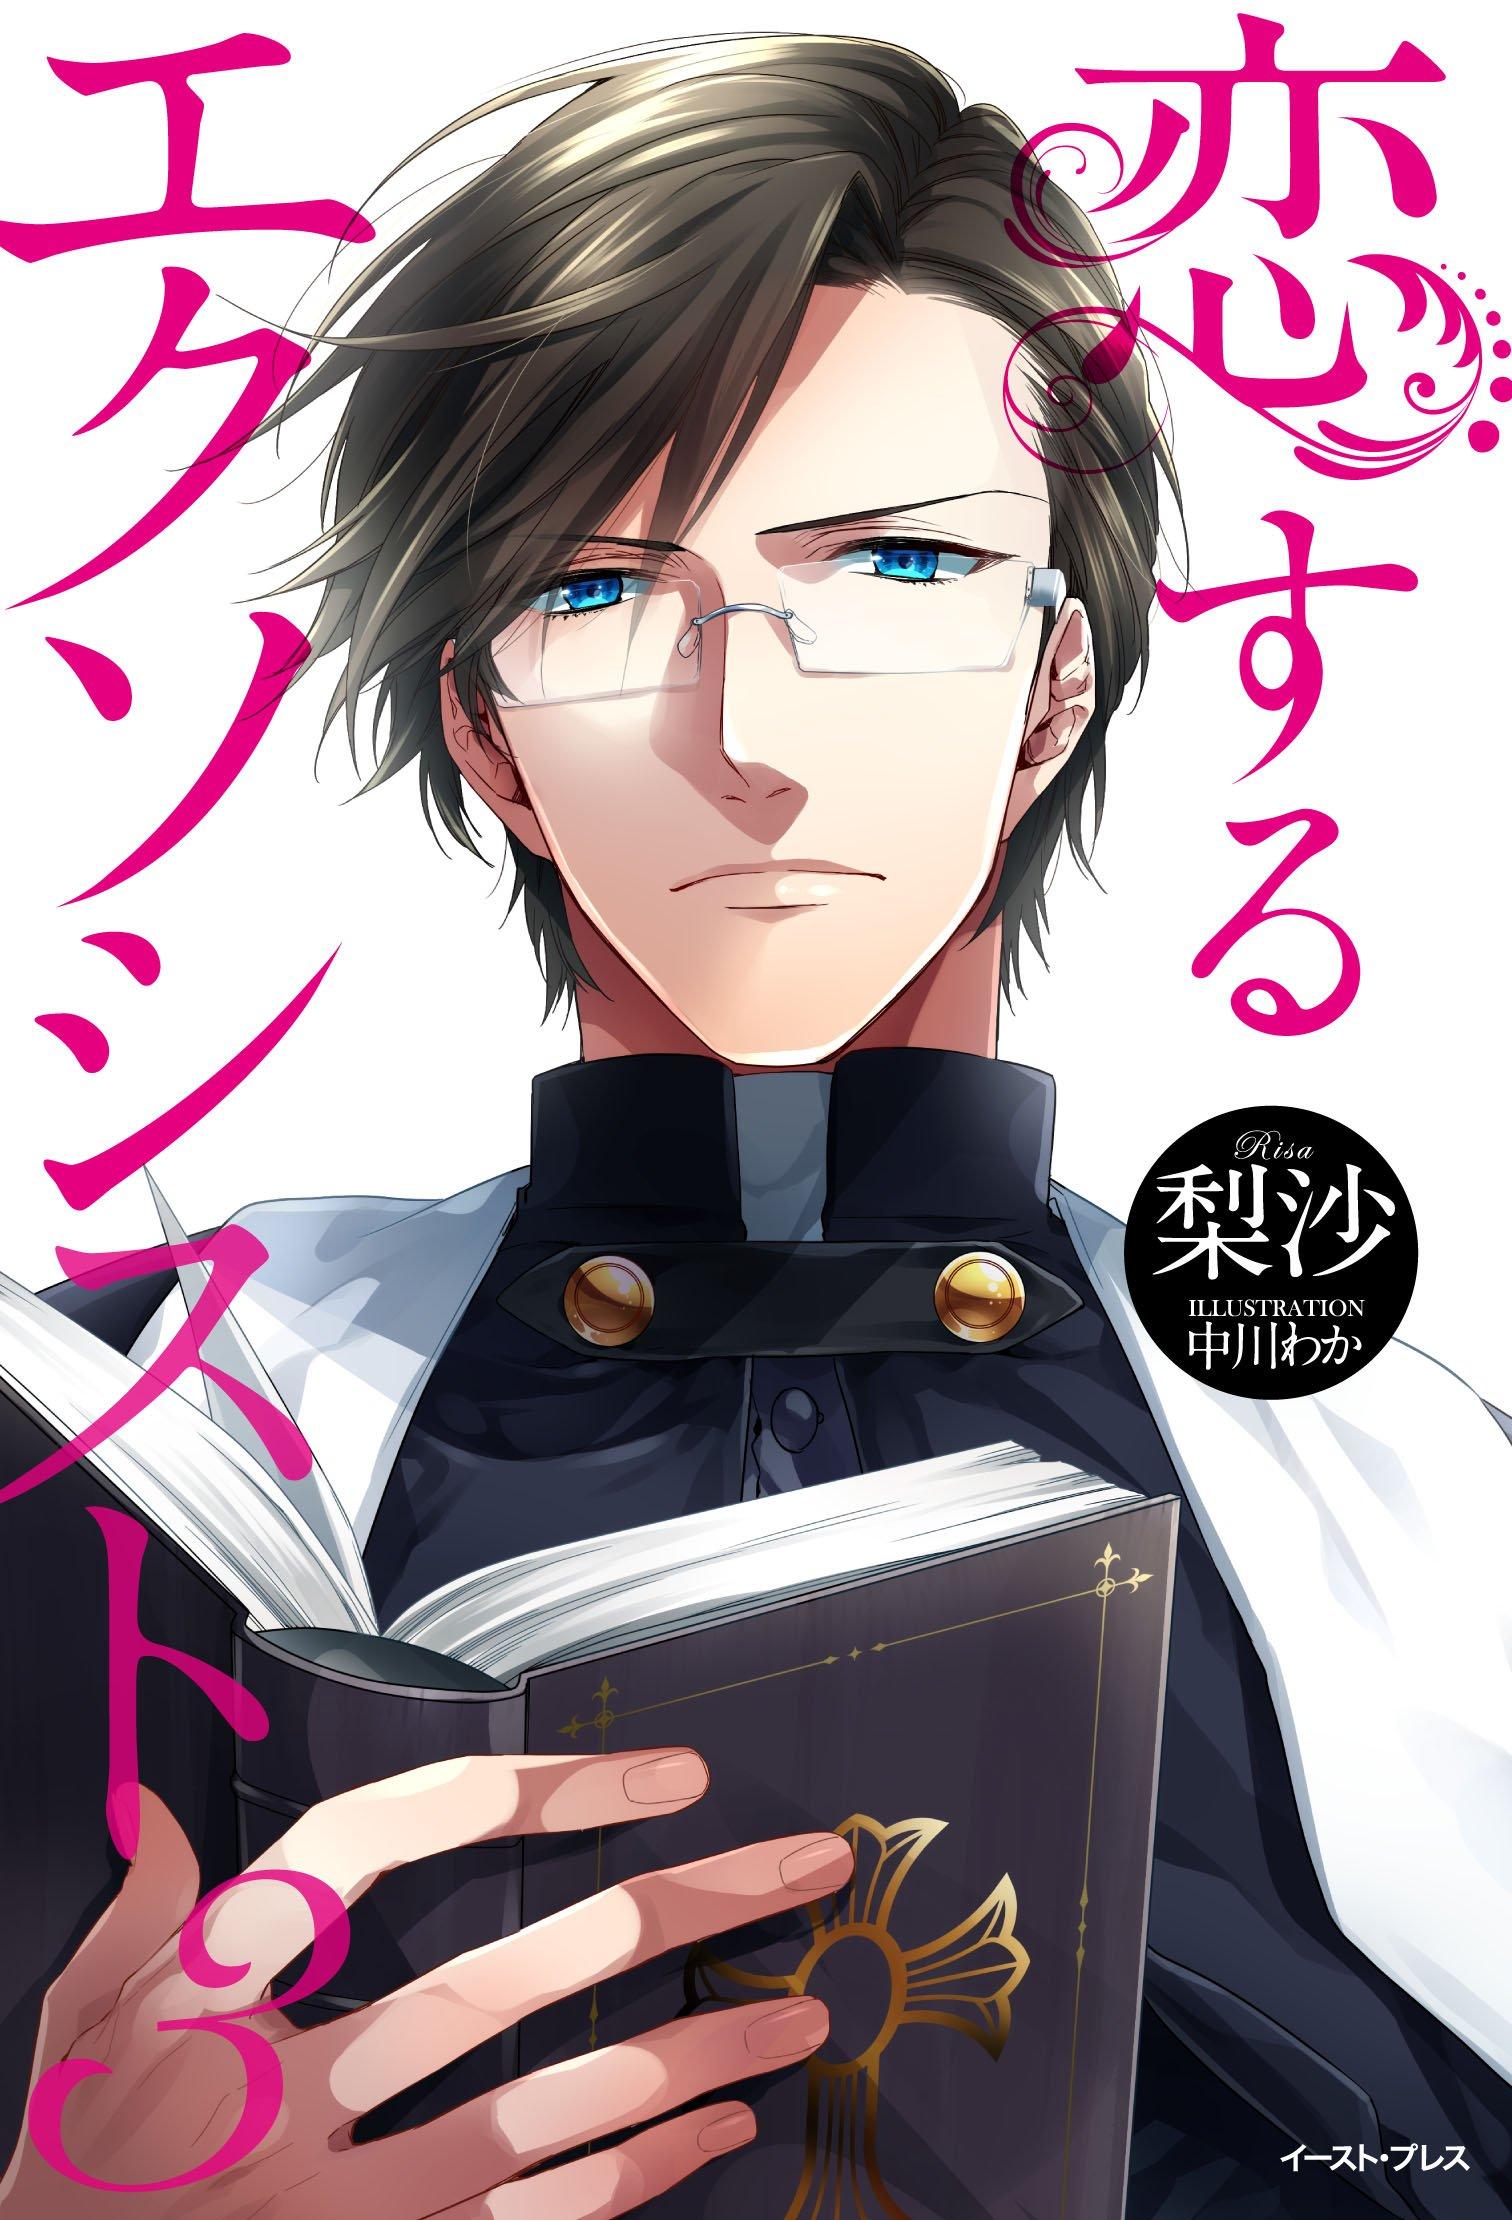 【書籍】恋するエクソシスト 3巻